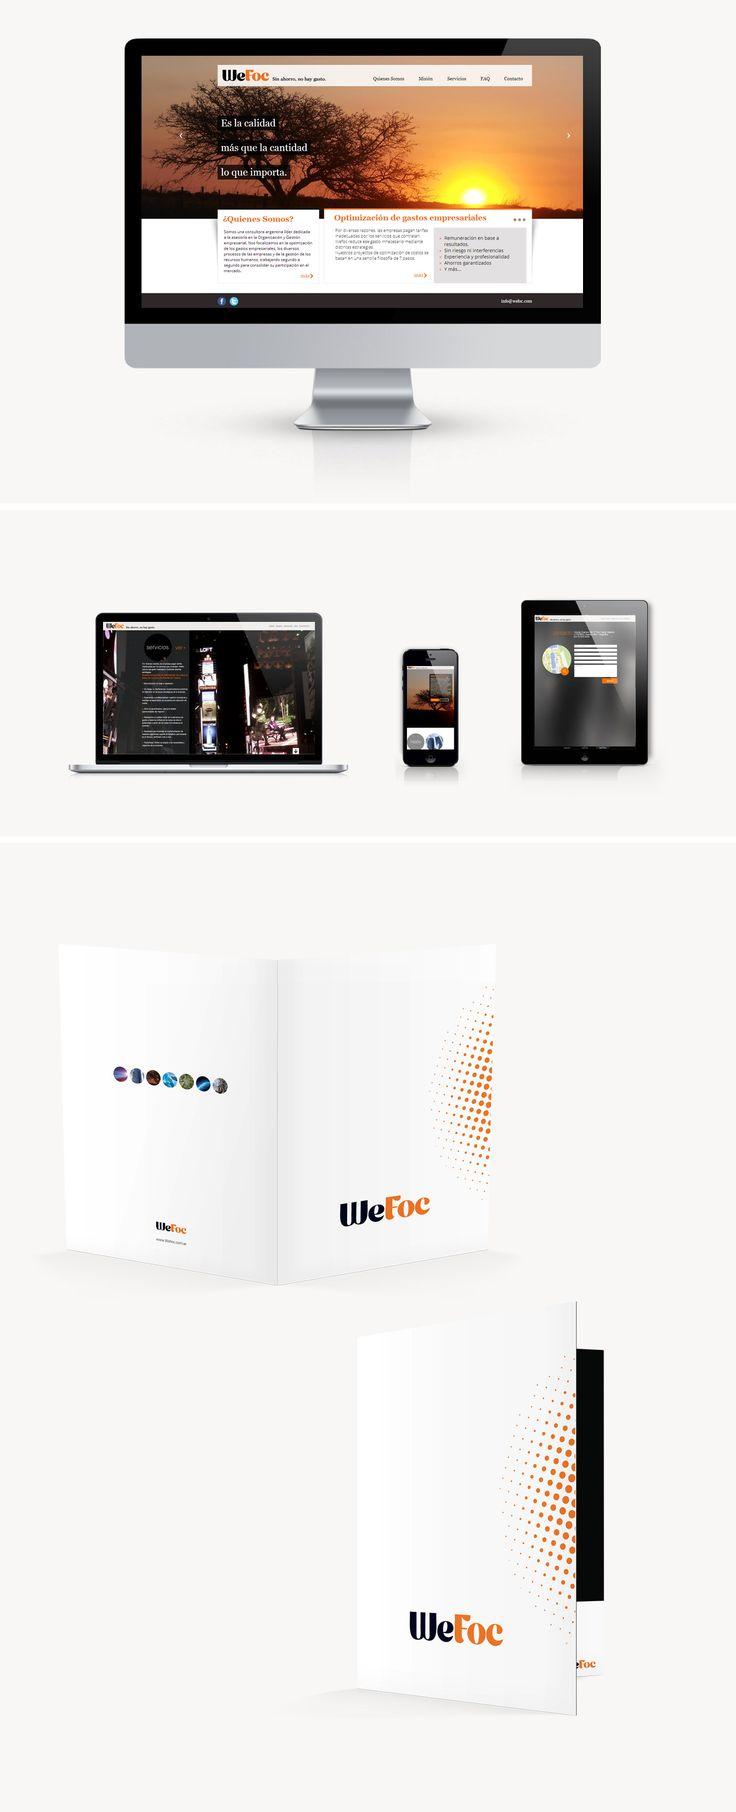 Para Wefoc aplicamos un diseño moderno y minimalista siguiendo la línea estética representada por la empresa en su imagen de marca. También seguimos completando su imagen corporativa diseñando carpetas y papelería.